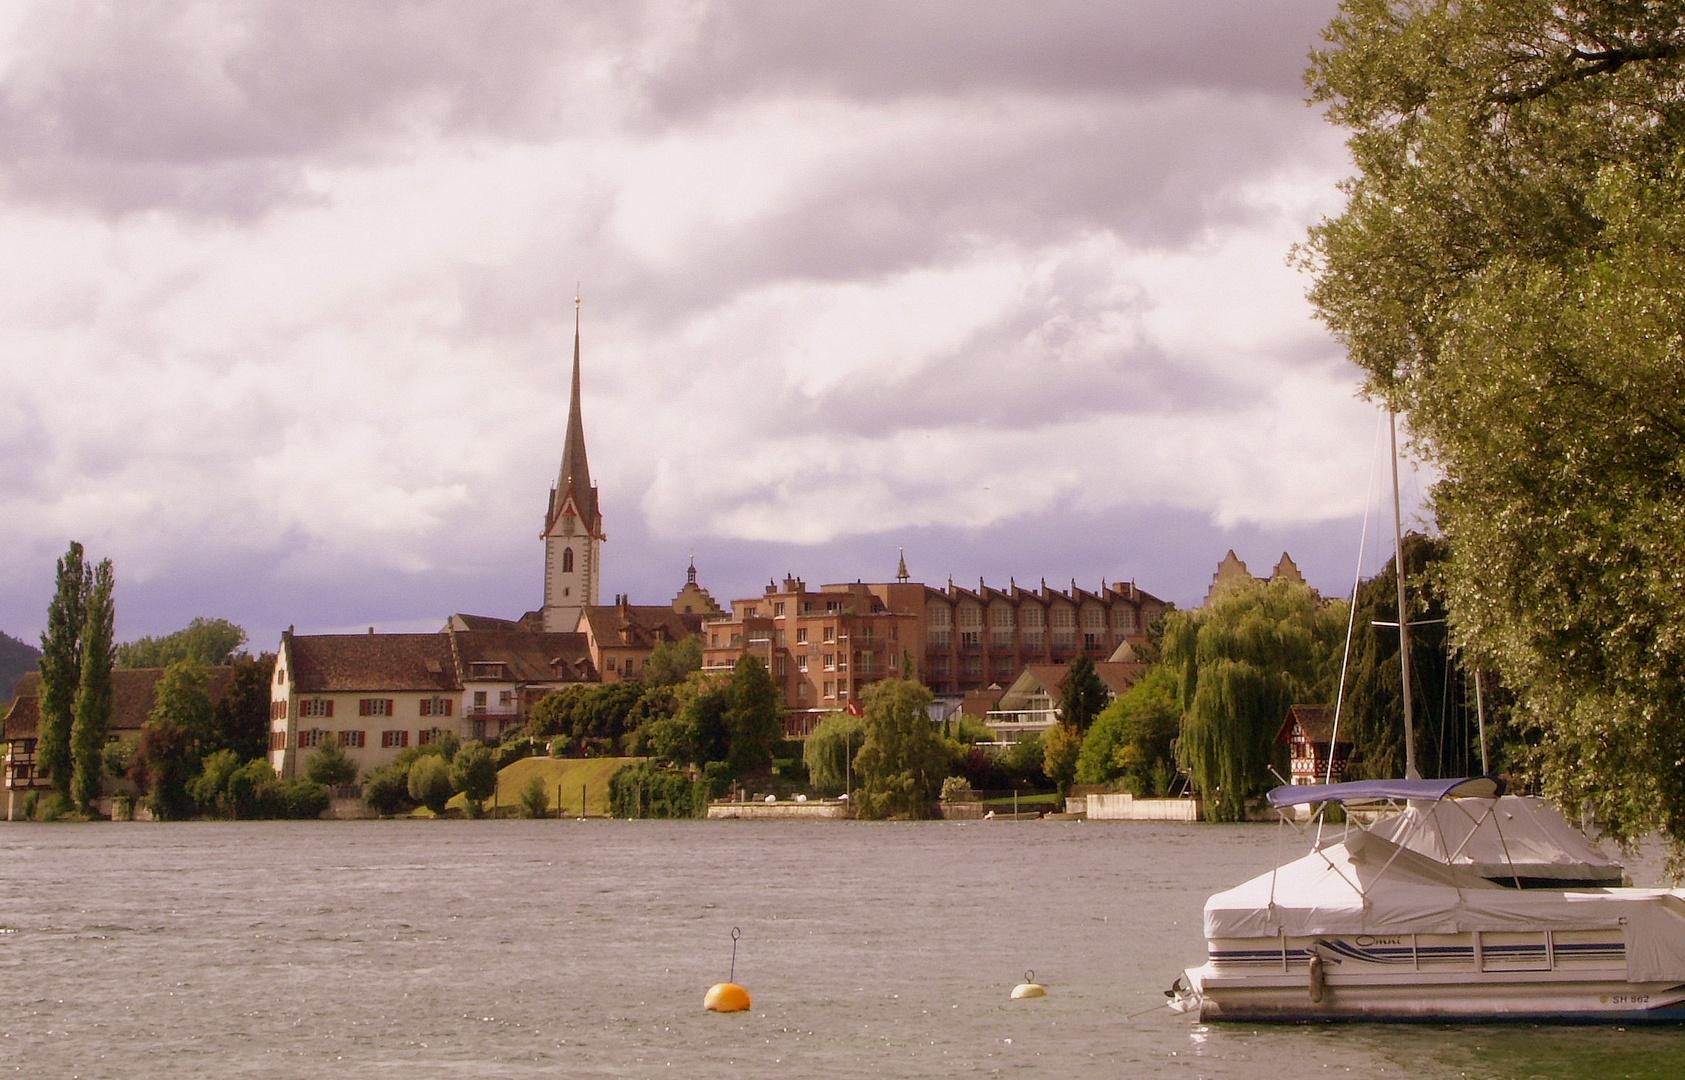 Stein/Rhein